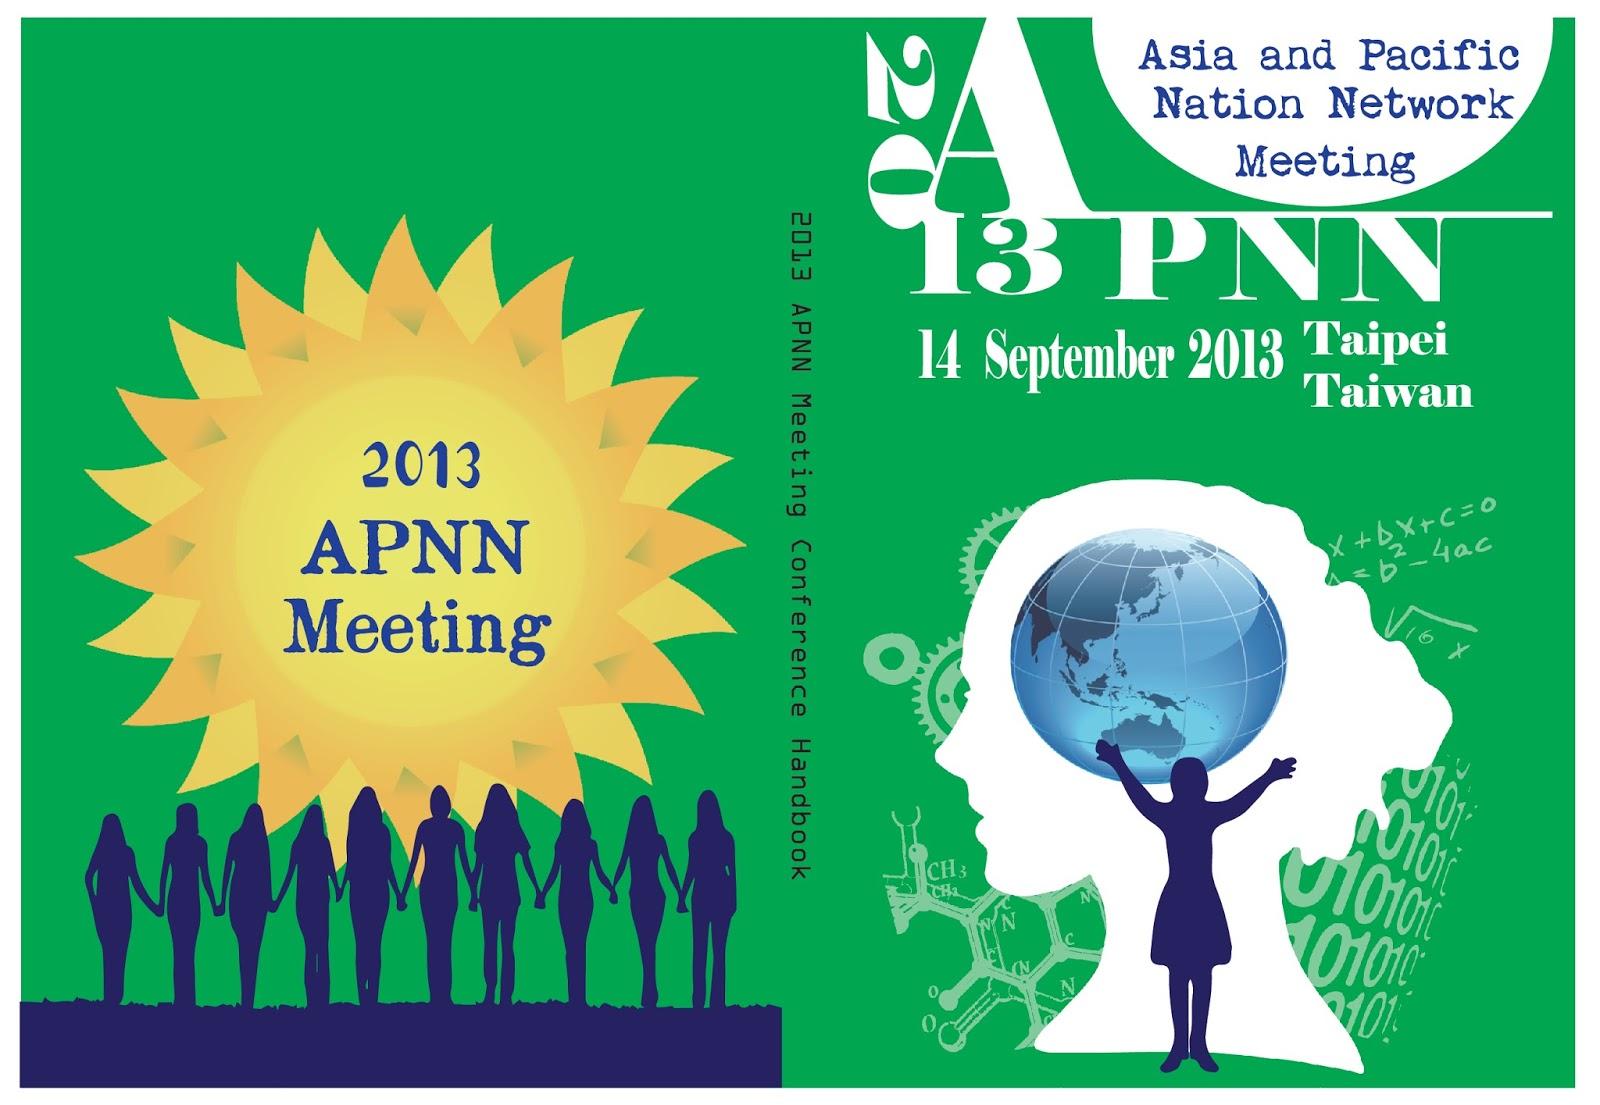 2013 APNN Meeting